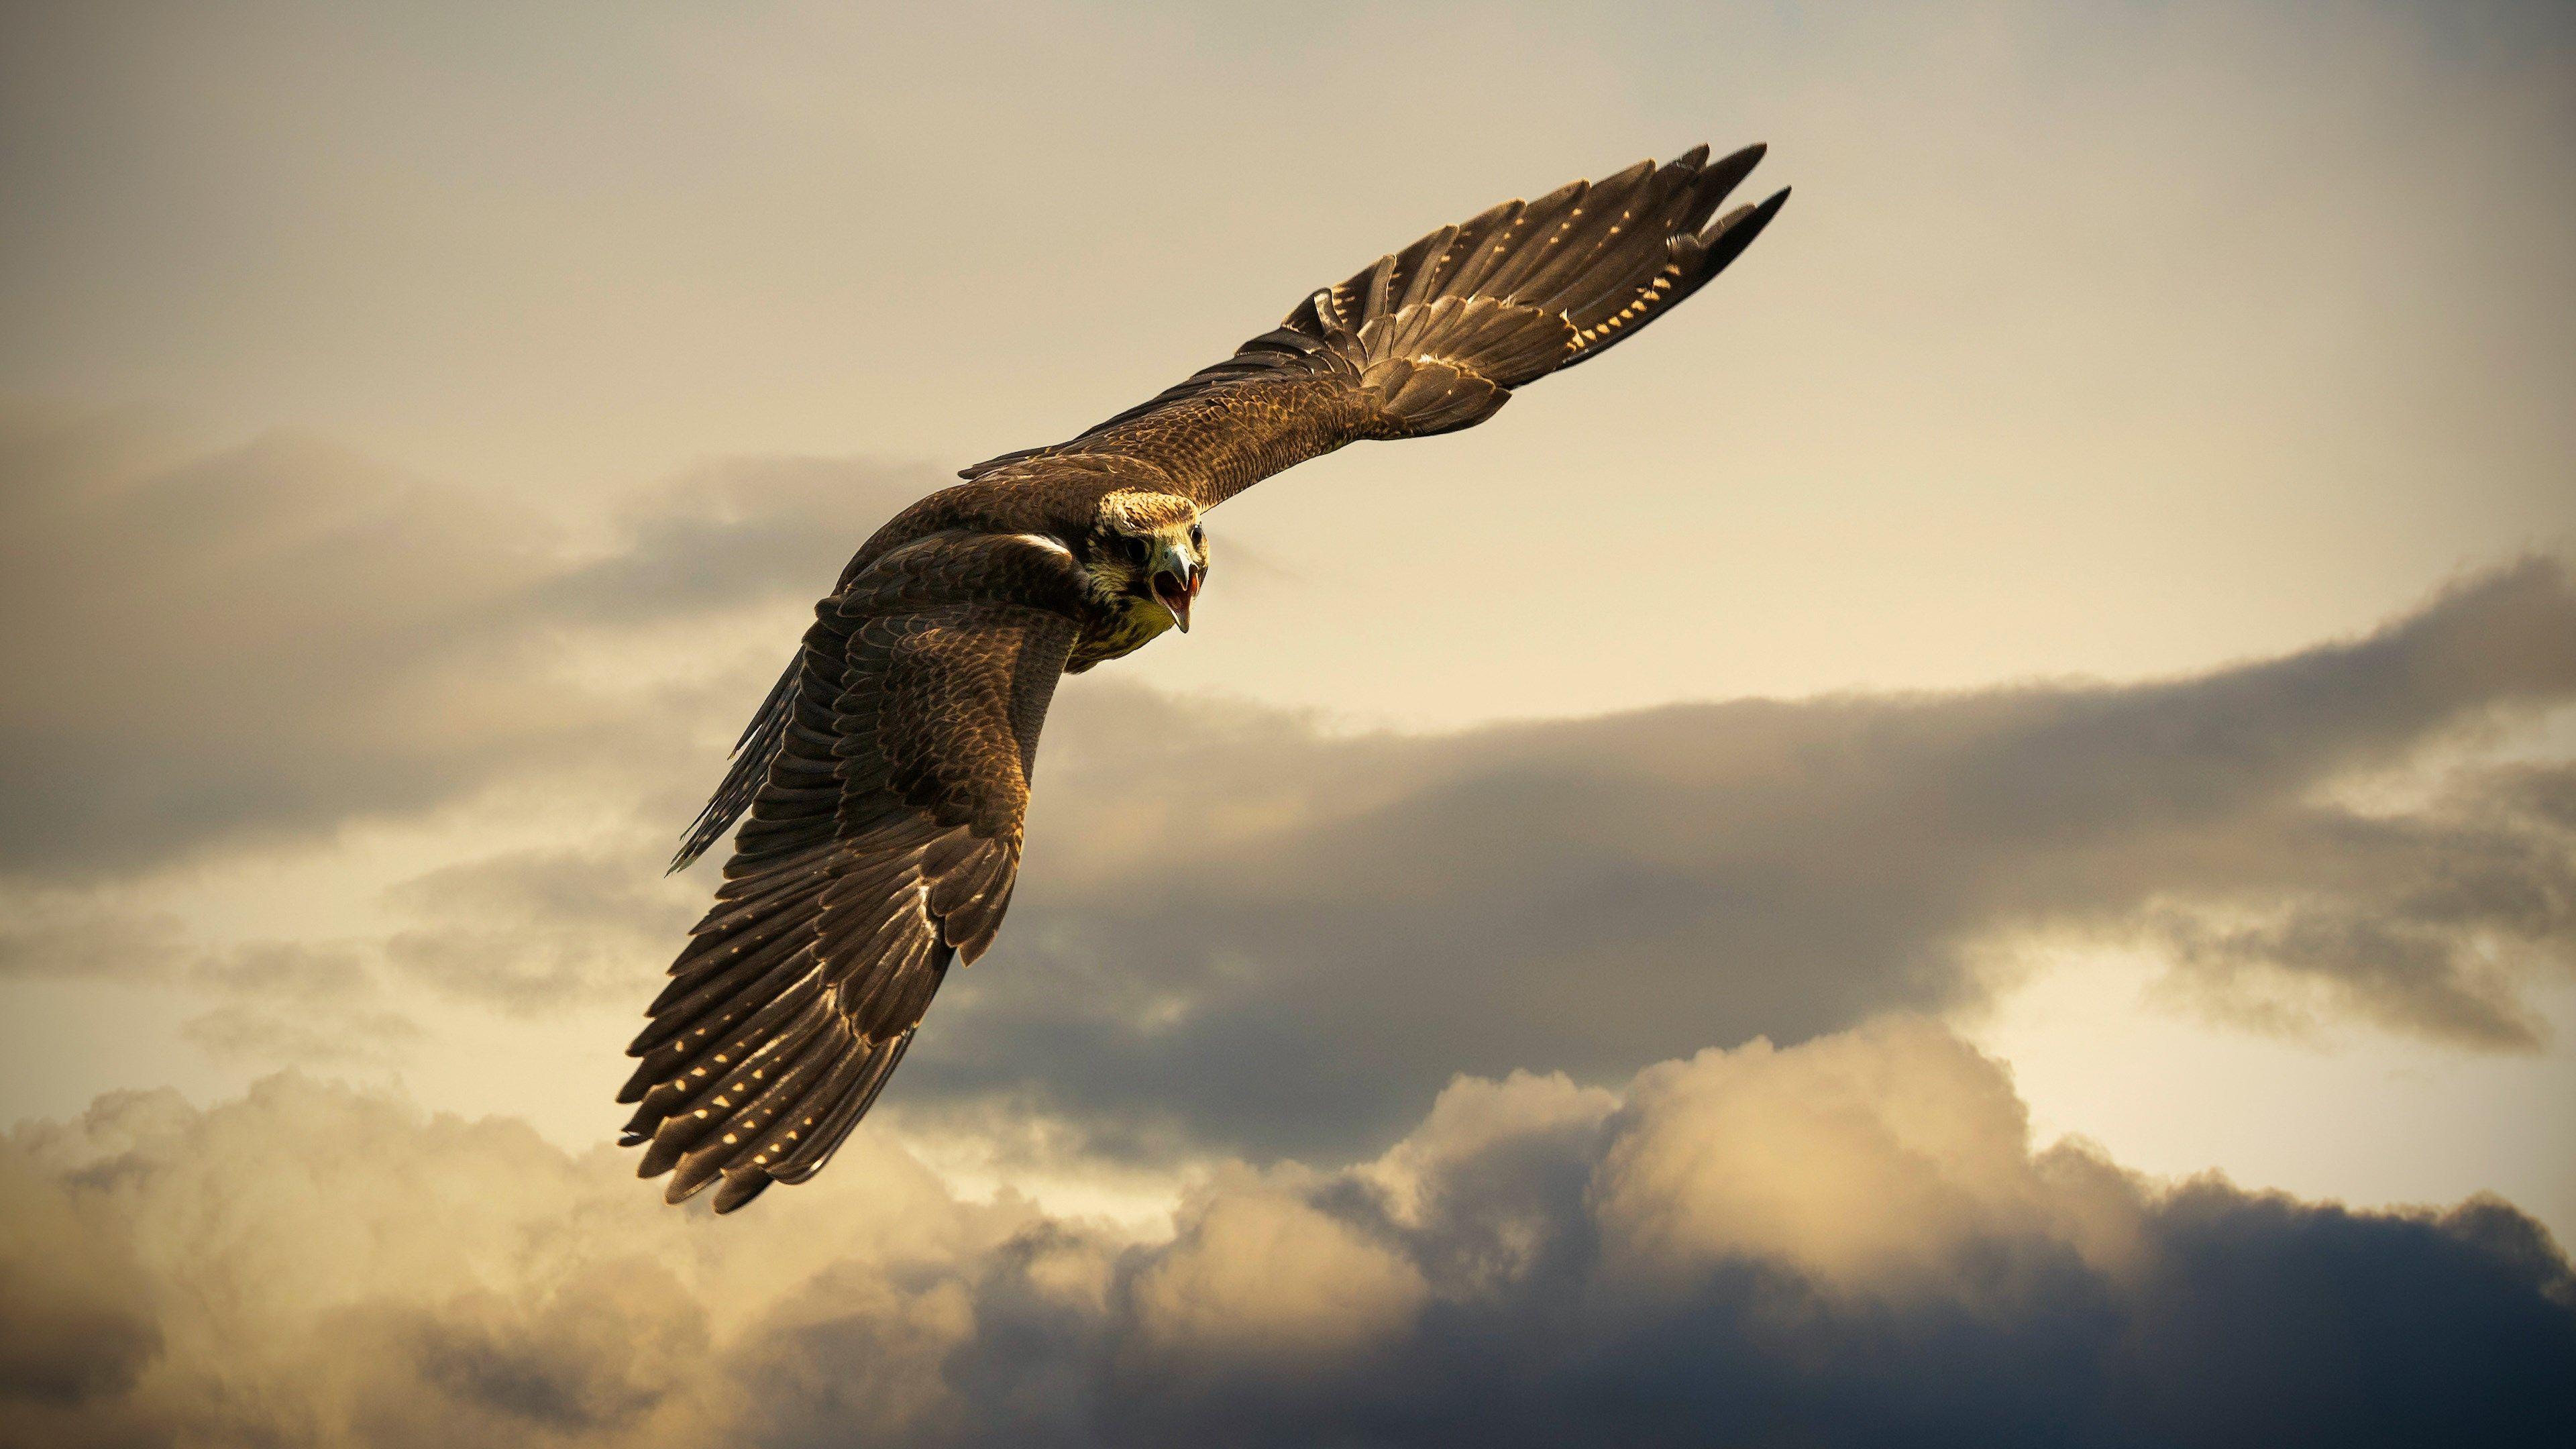 4k pc hd wallpaper free download (3840x2160) Bald eagle